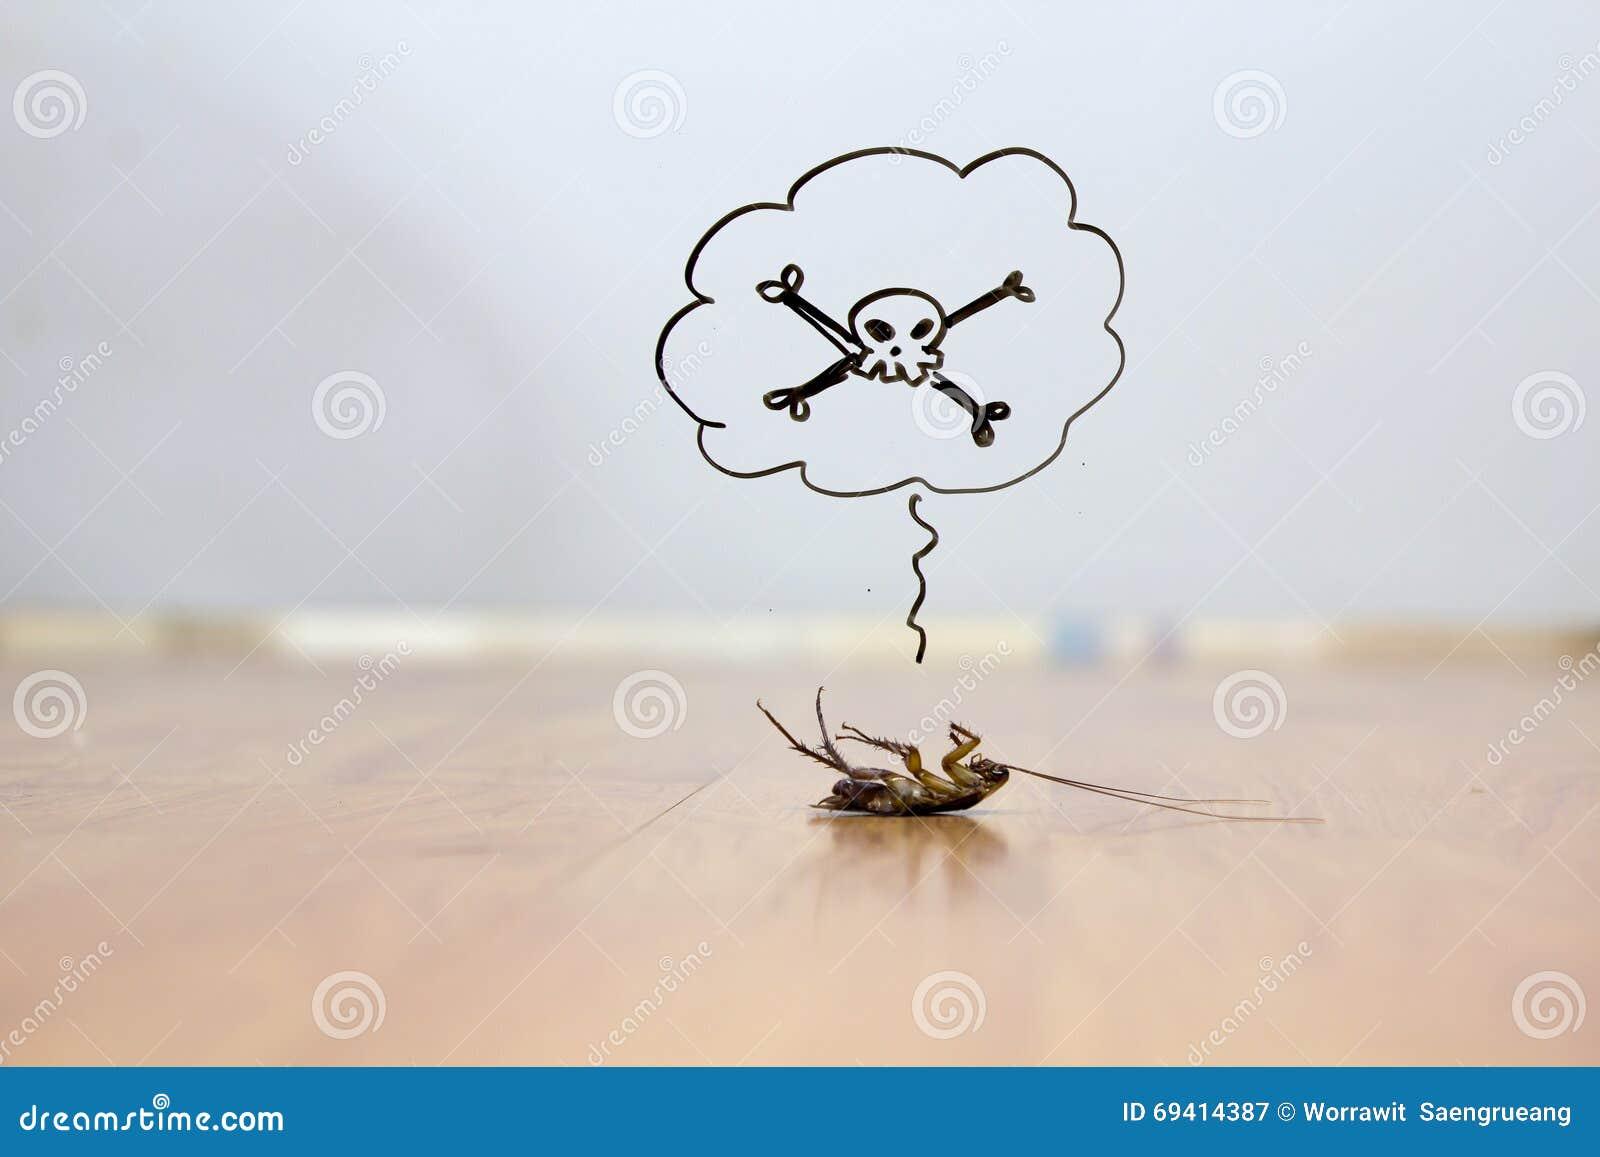 Dode kakkerlak op vloer, ongediertebestrijdingsconcept